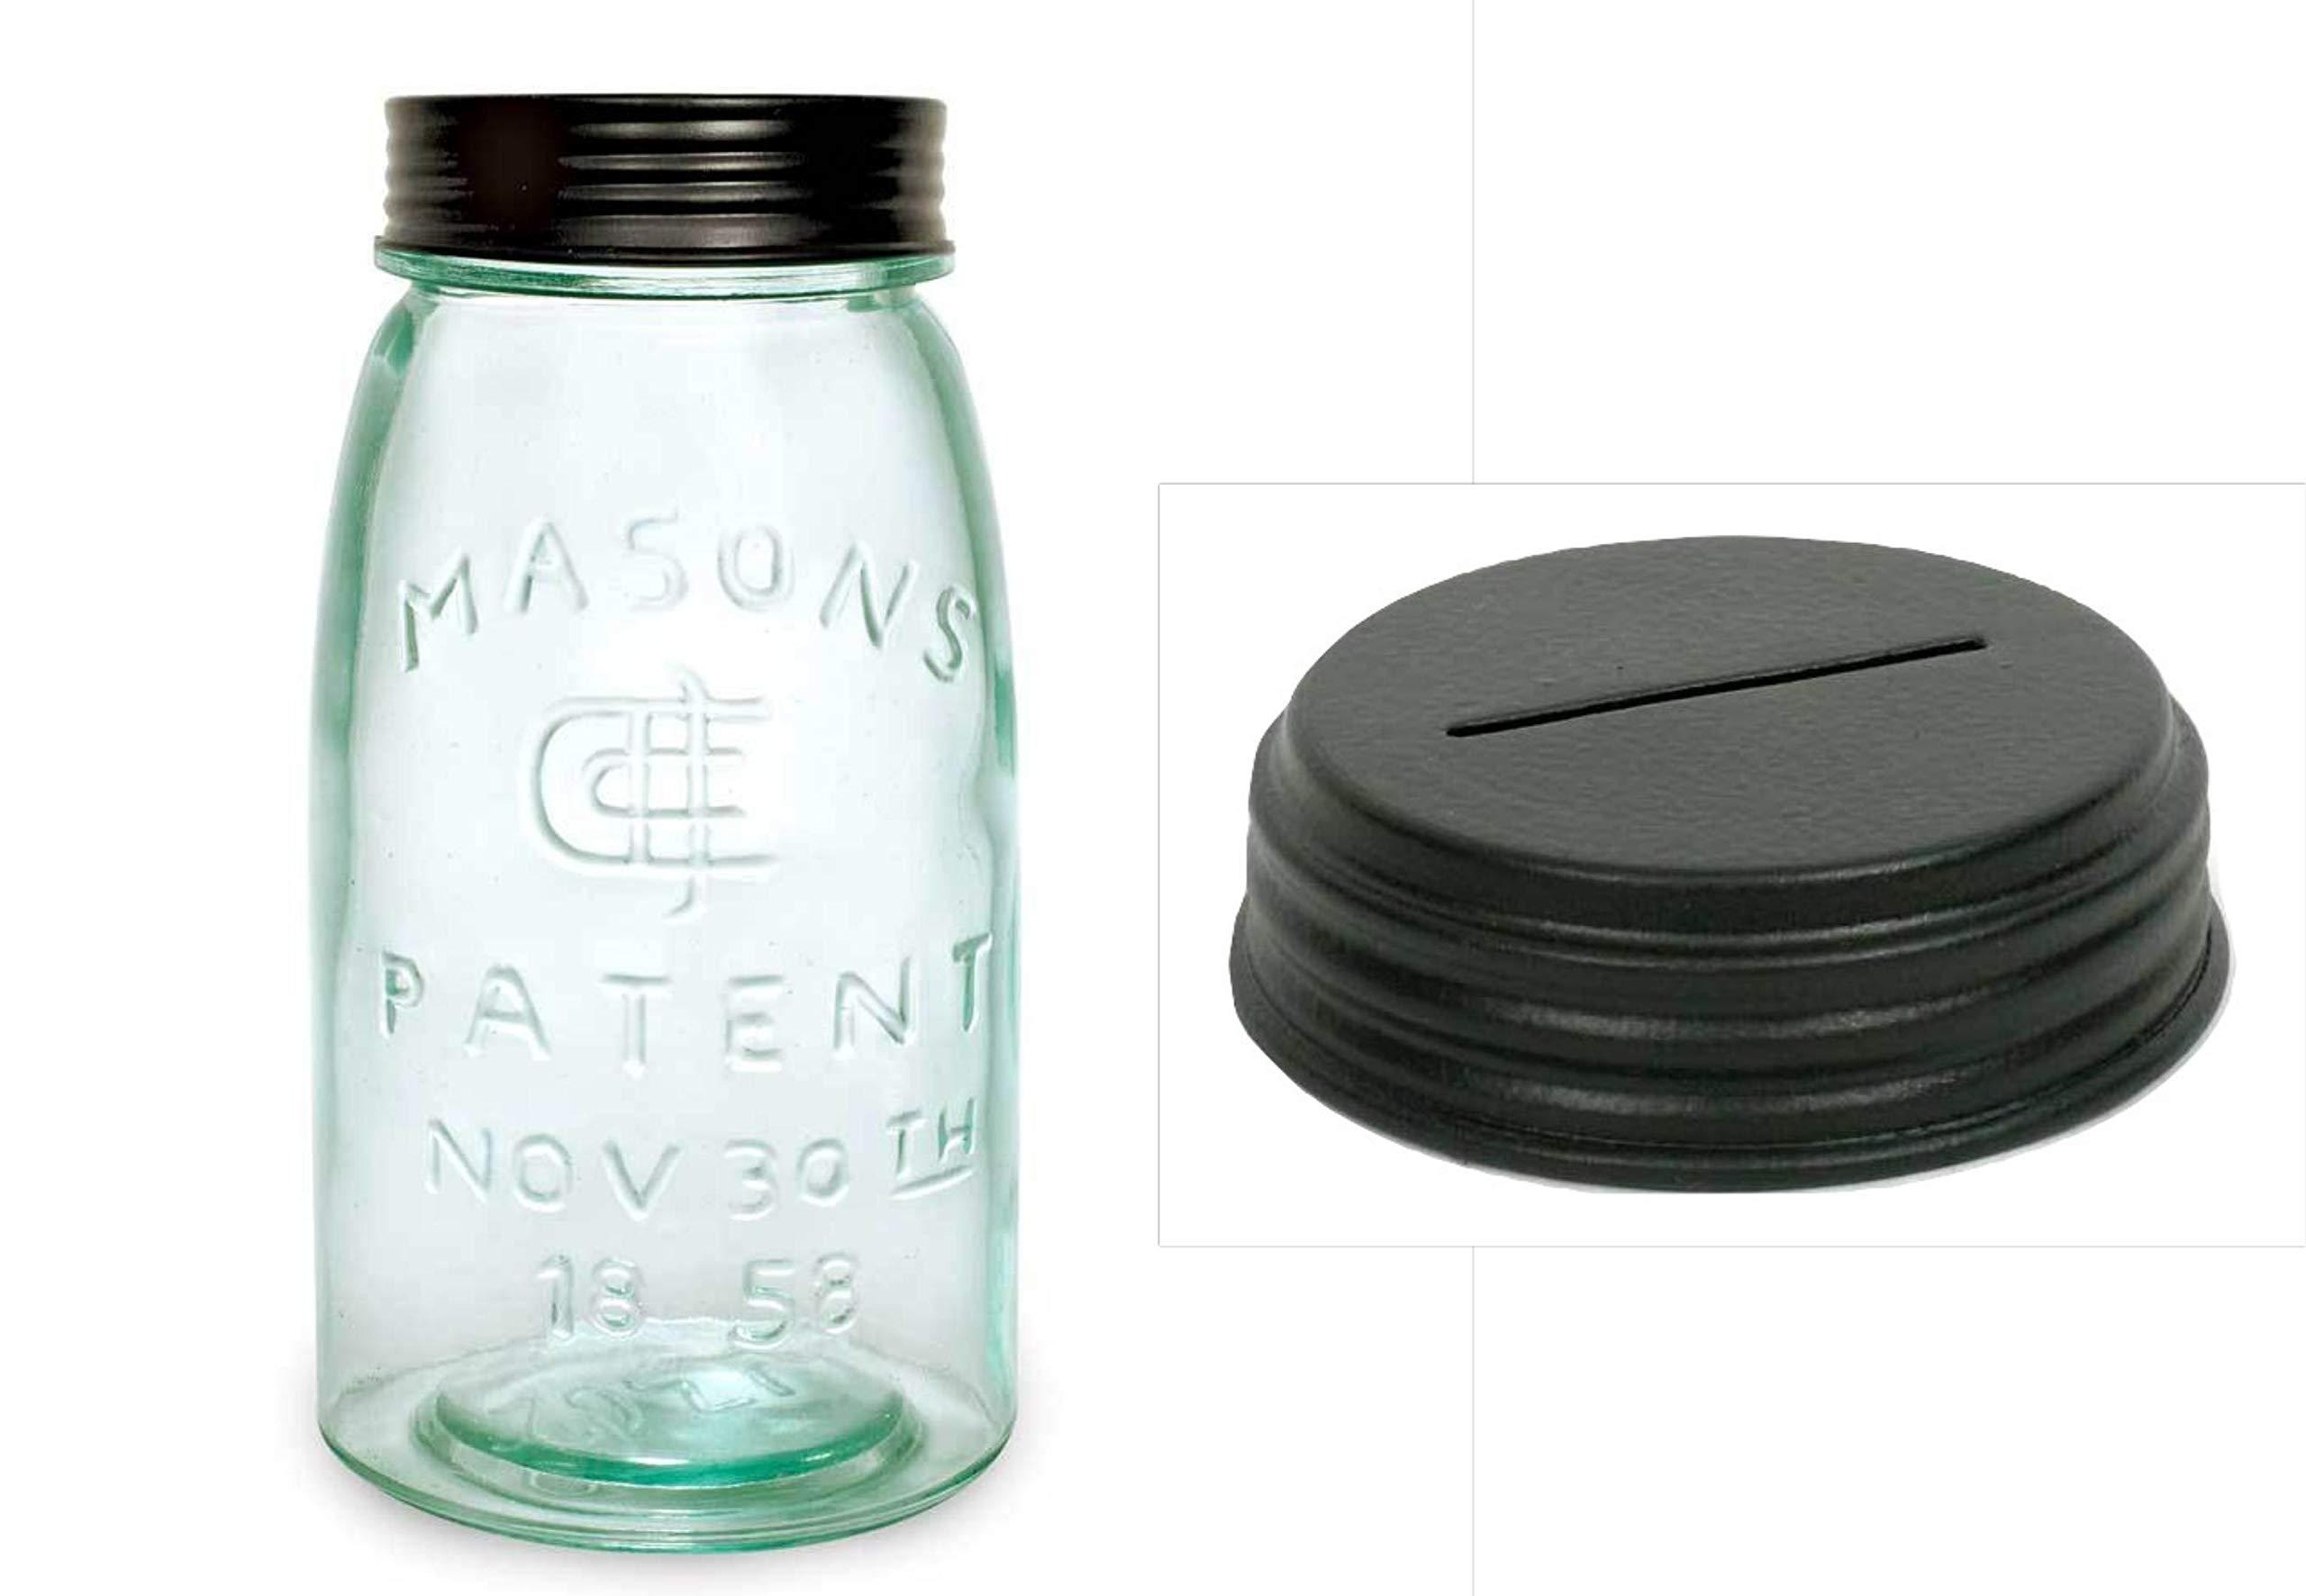 1 Quart Green Glass, Masons Jar Patented 1858 w/Slotted Piggy Bank Lid, 32 oz